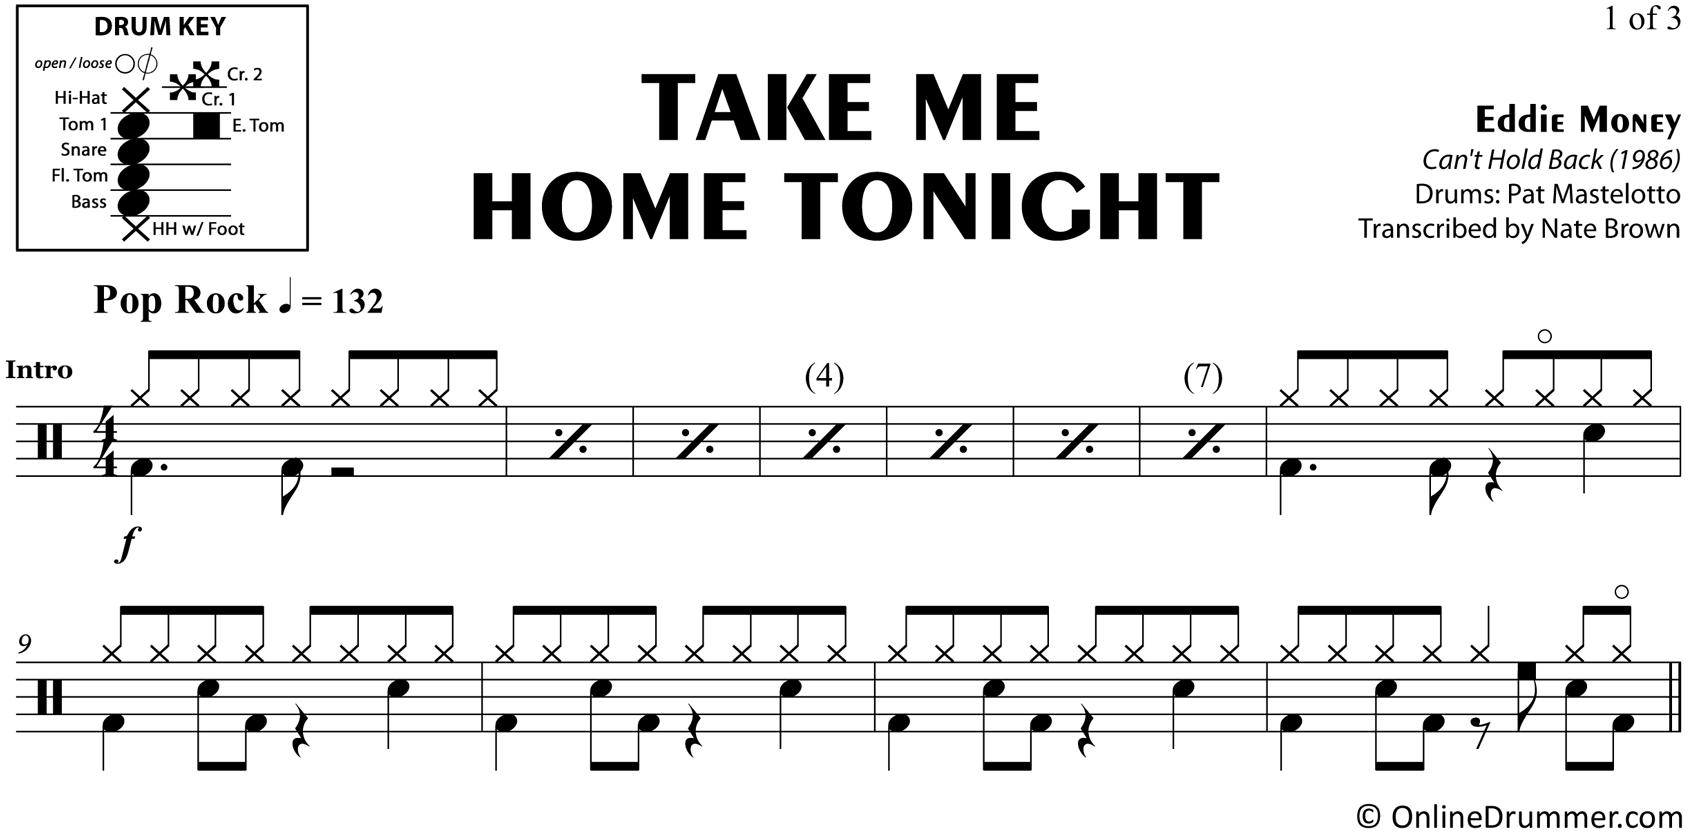 Take Me Home Tonight - Eddie Money - Drum Sheet Music